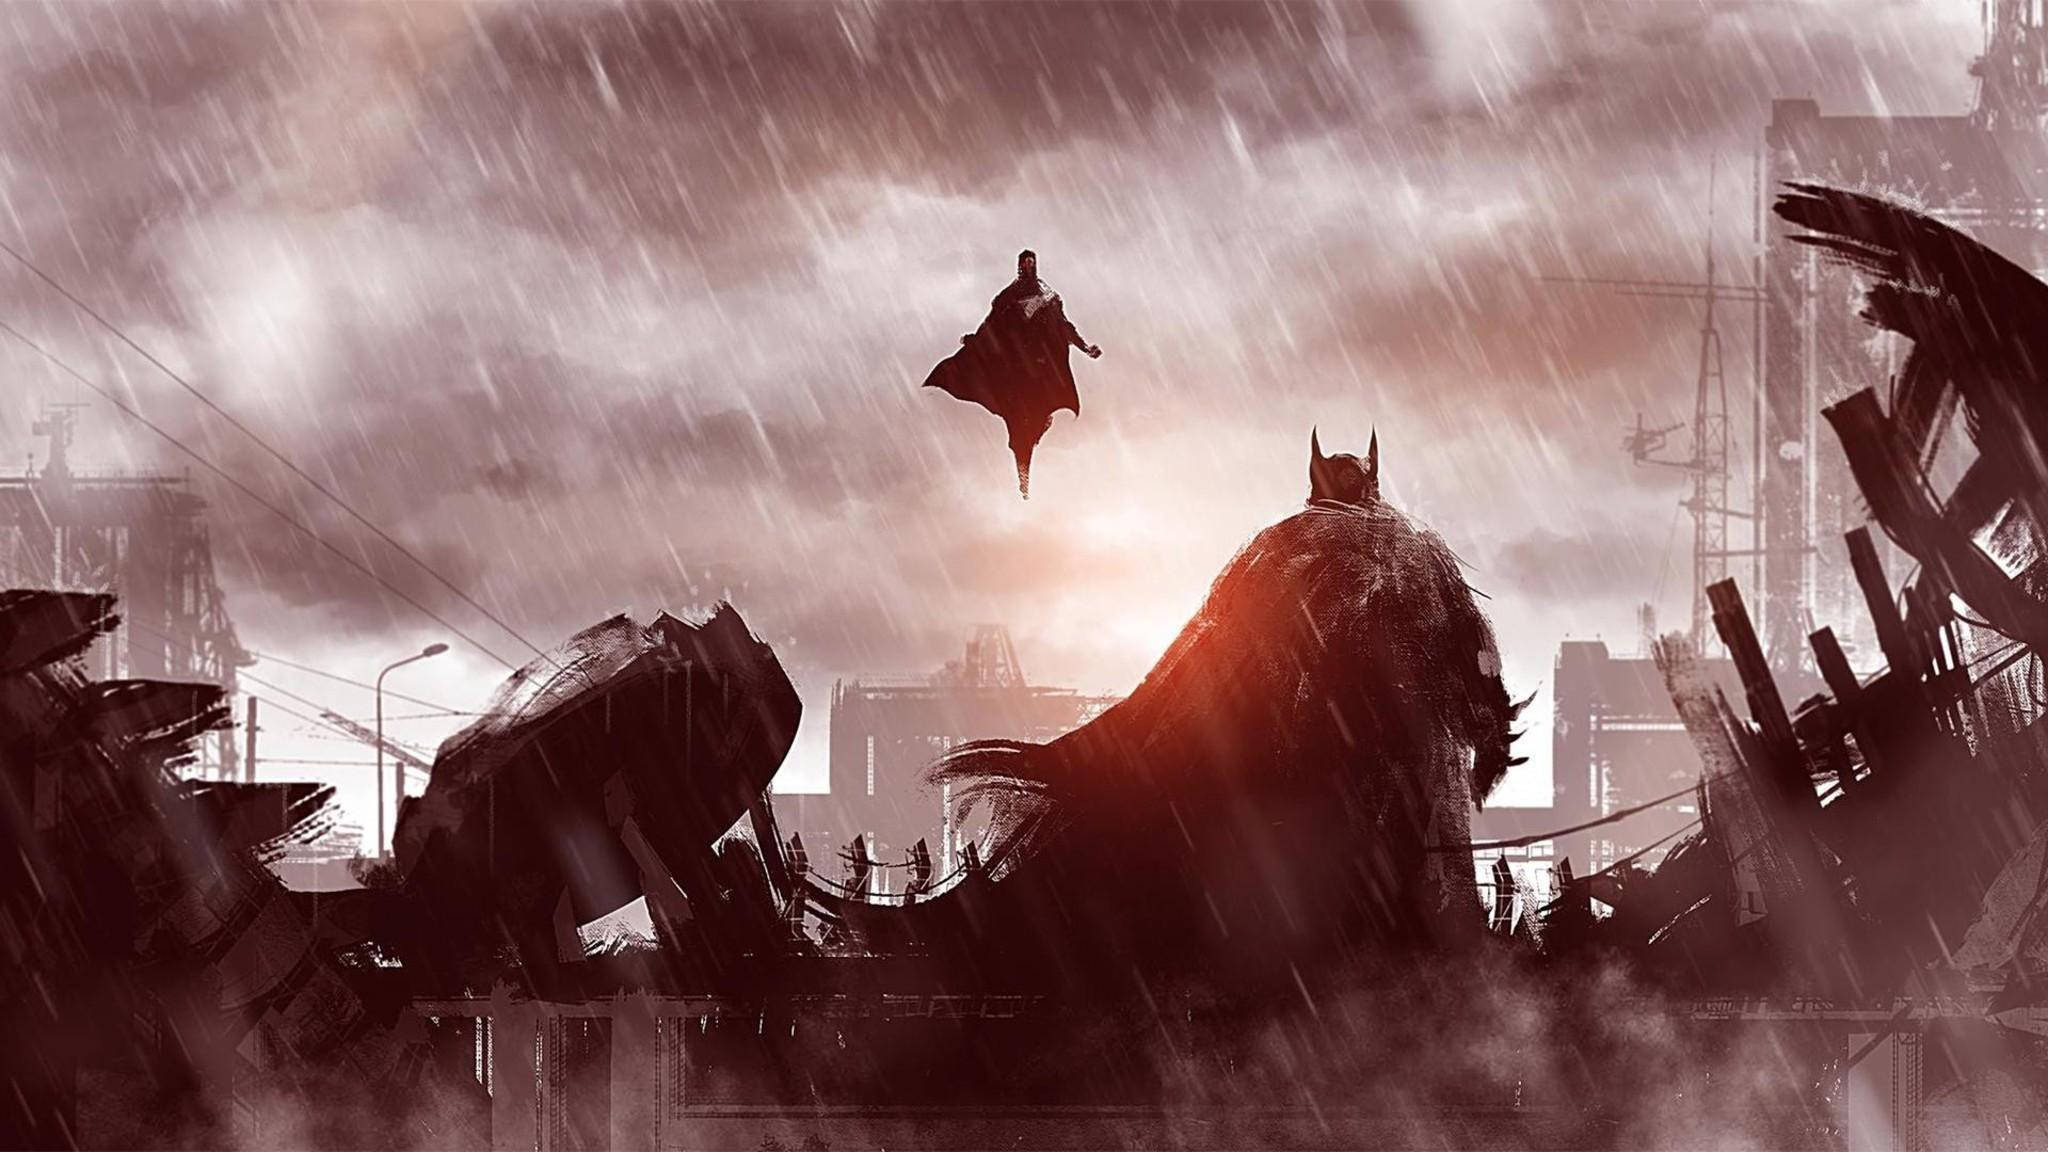 Res: 2048x1152, Batman Concept Art